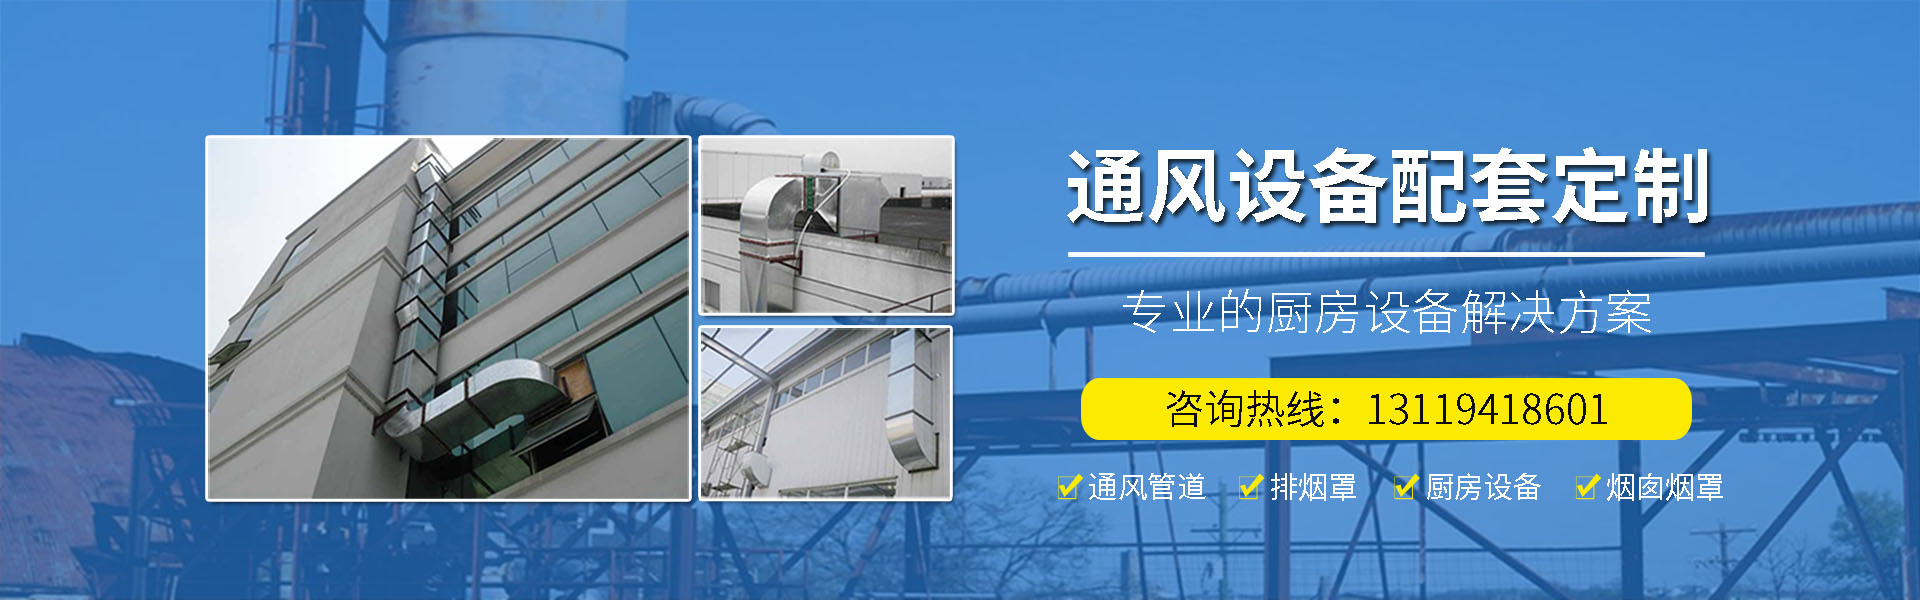 甘肃鸿运不锈钢通风排烟工程有限公司